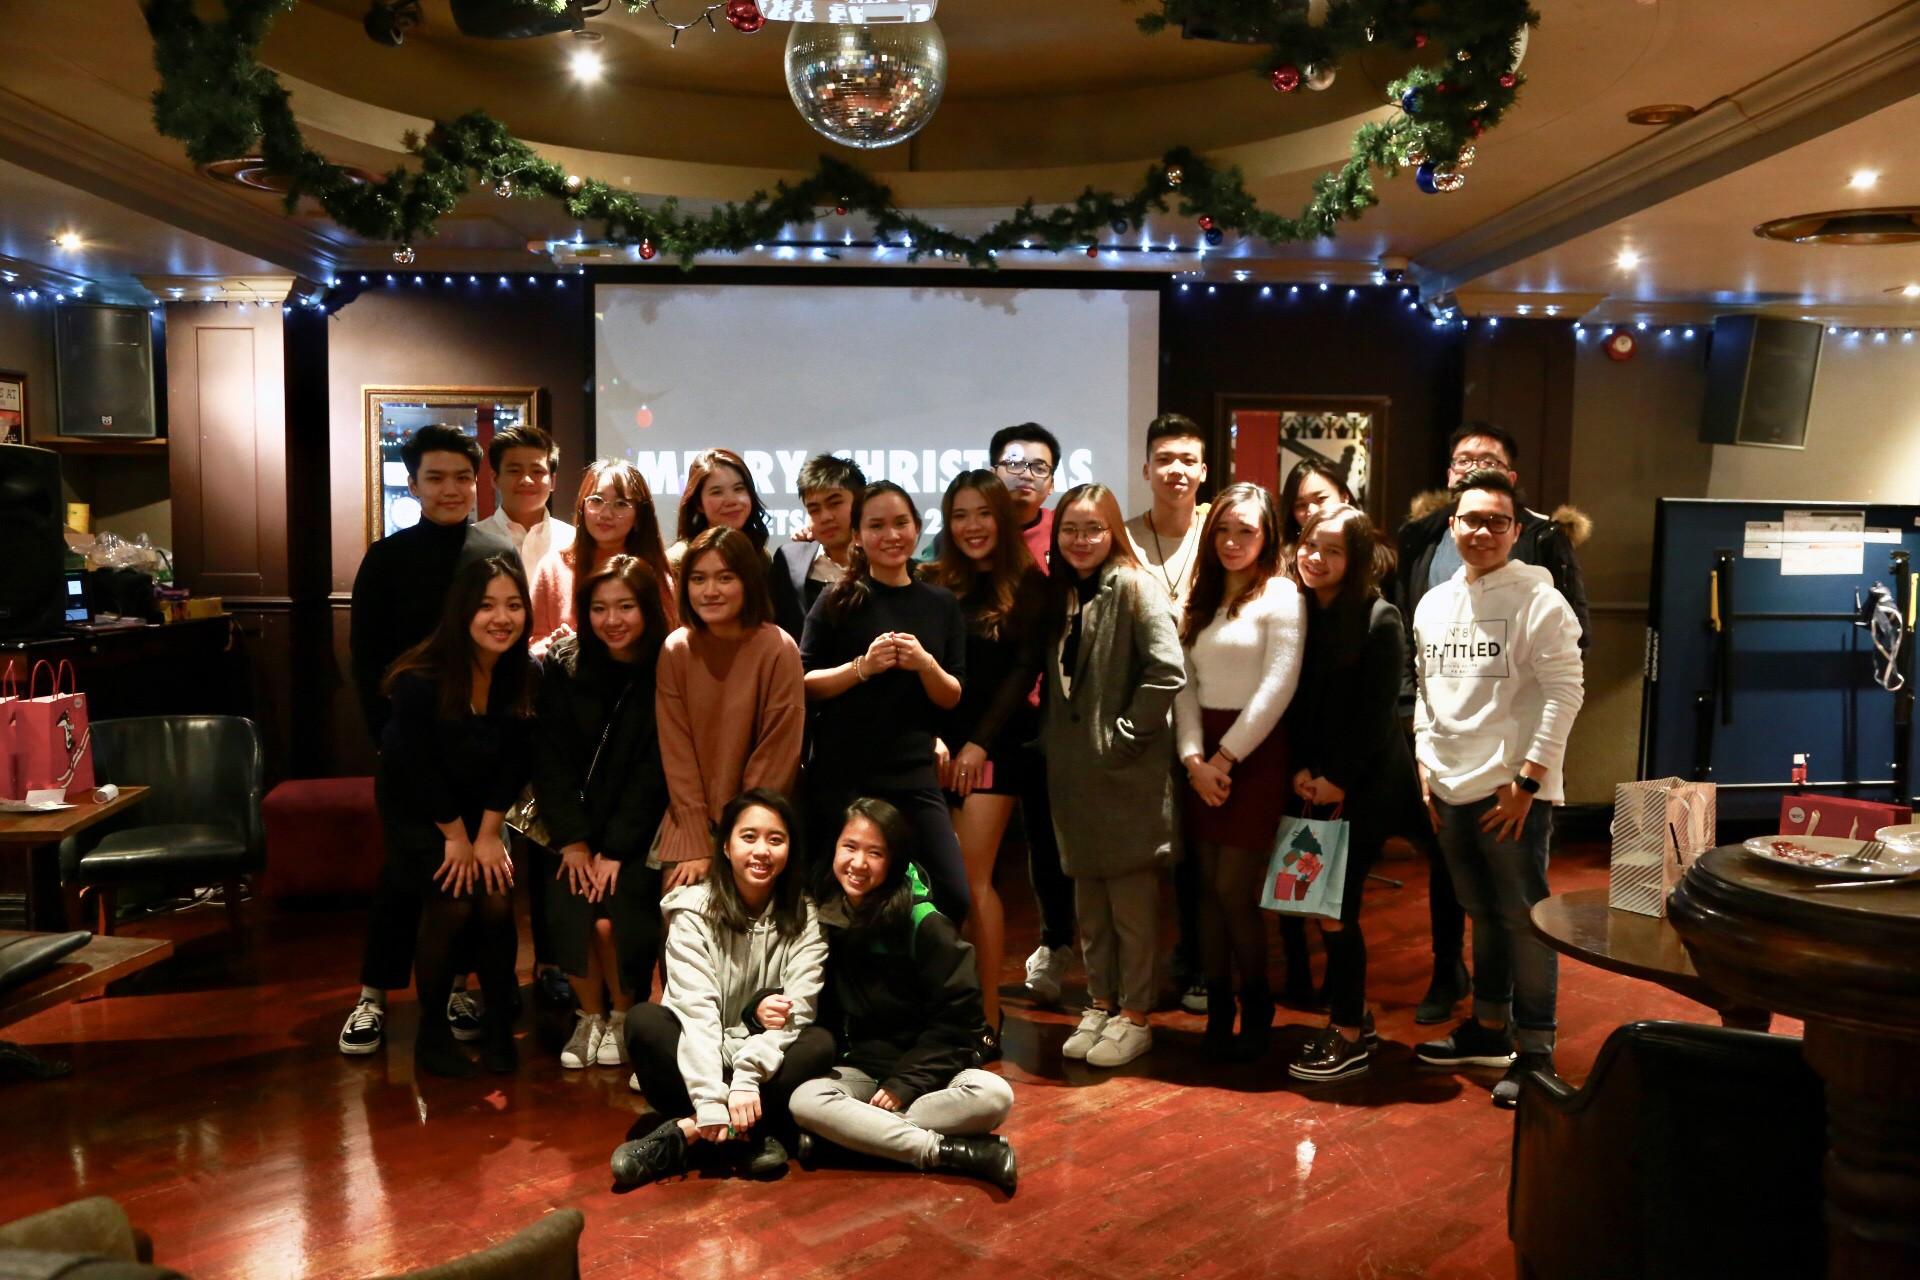 Du học sinh Việt hòa mình vào không khí chào năm mới khắp thế giới - Ảnh 2.